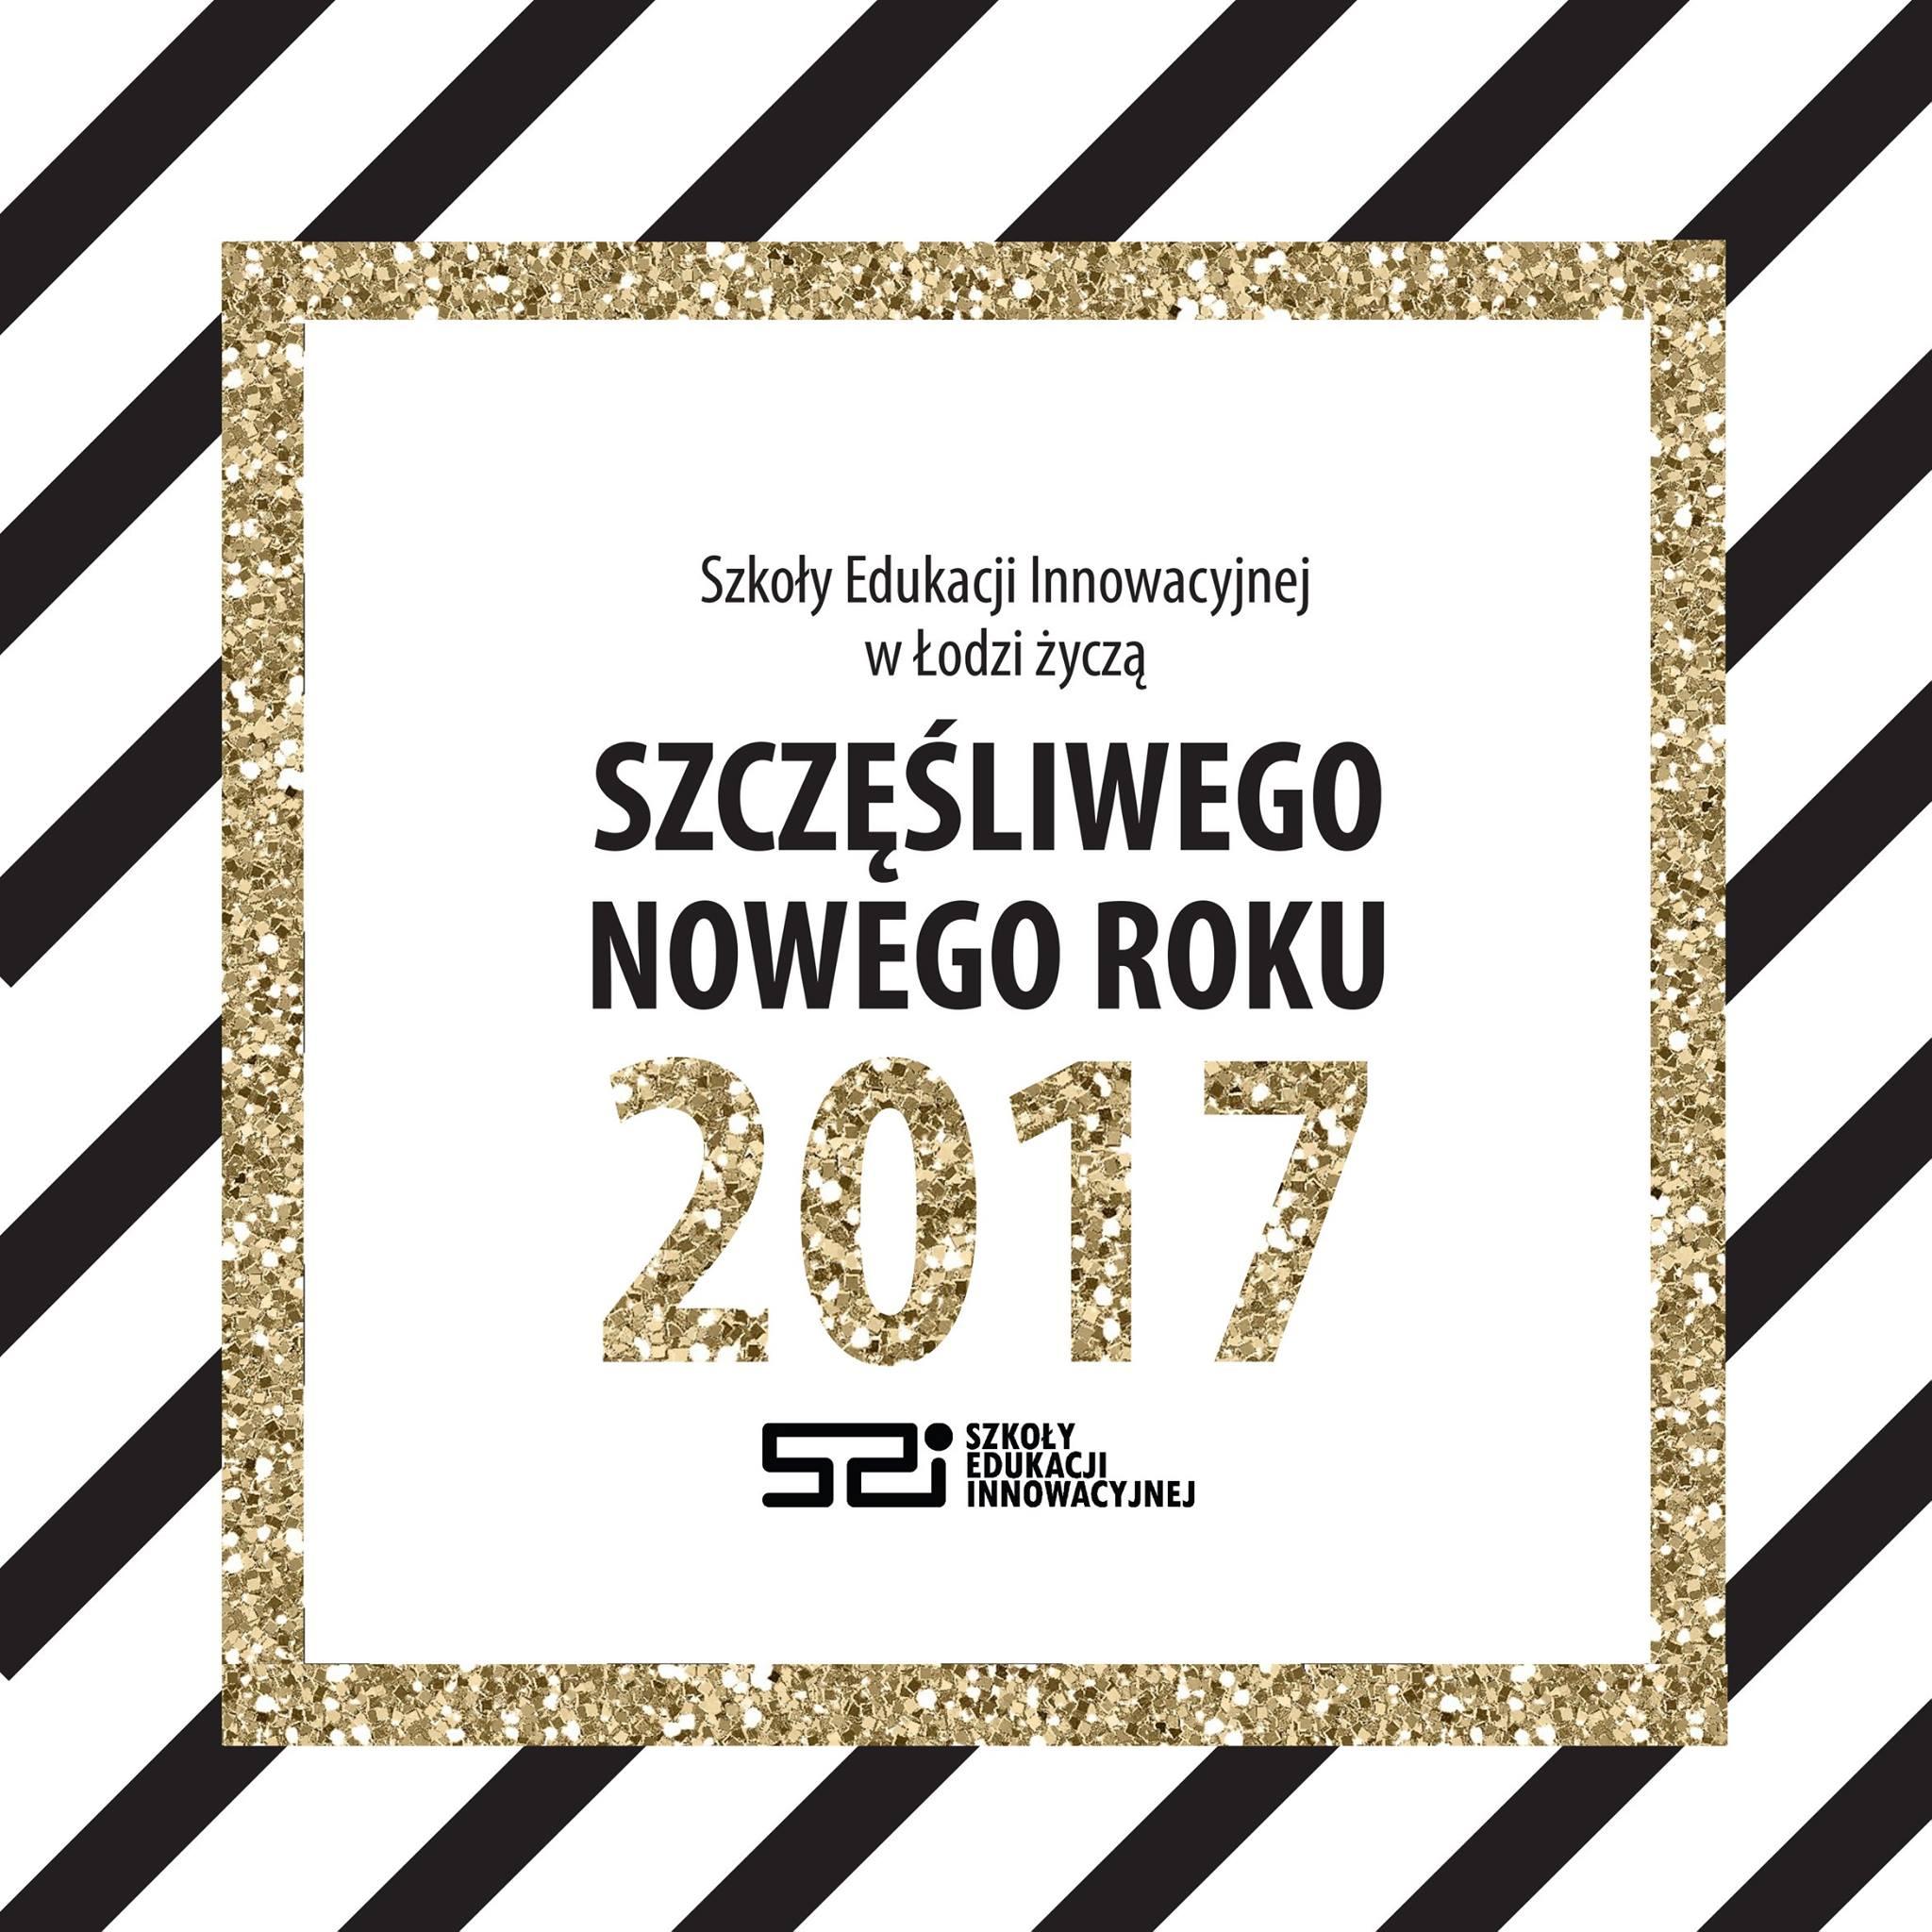 Życzenia noworoczne SEI w Łodzi